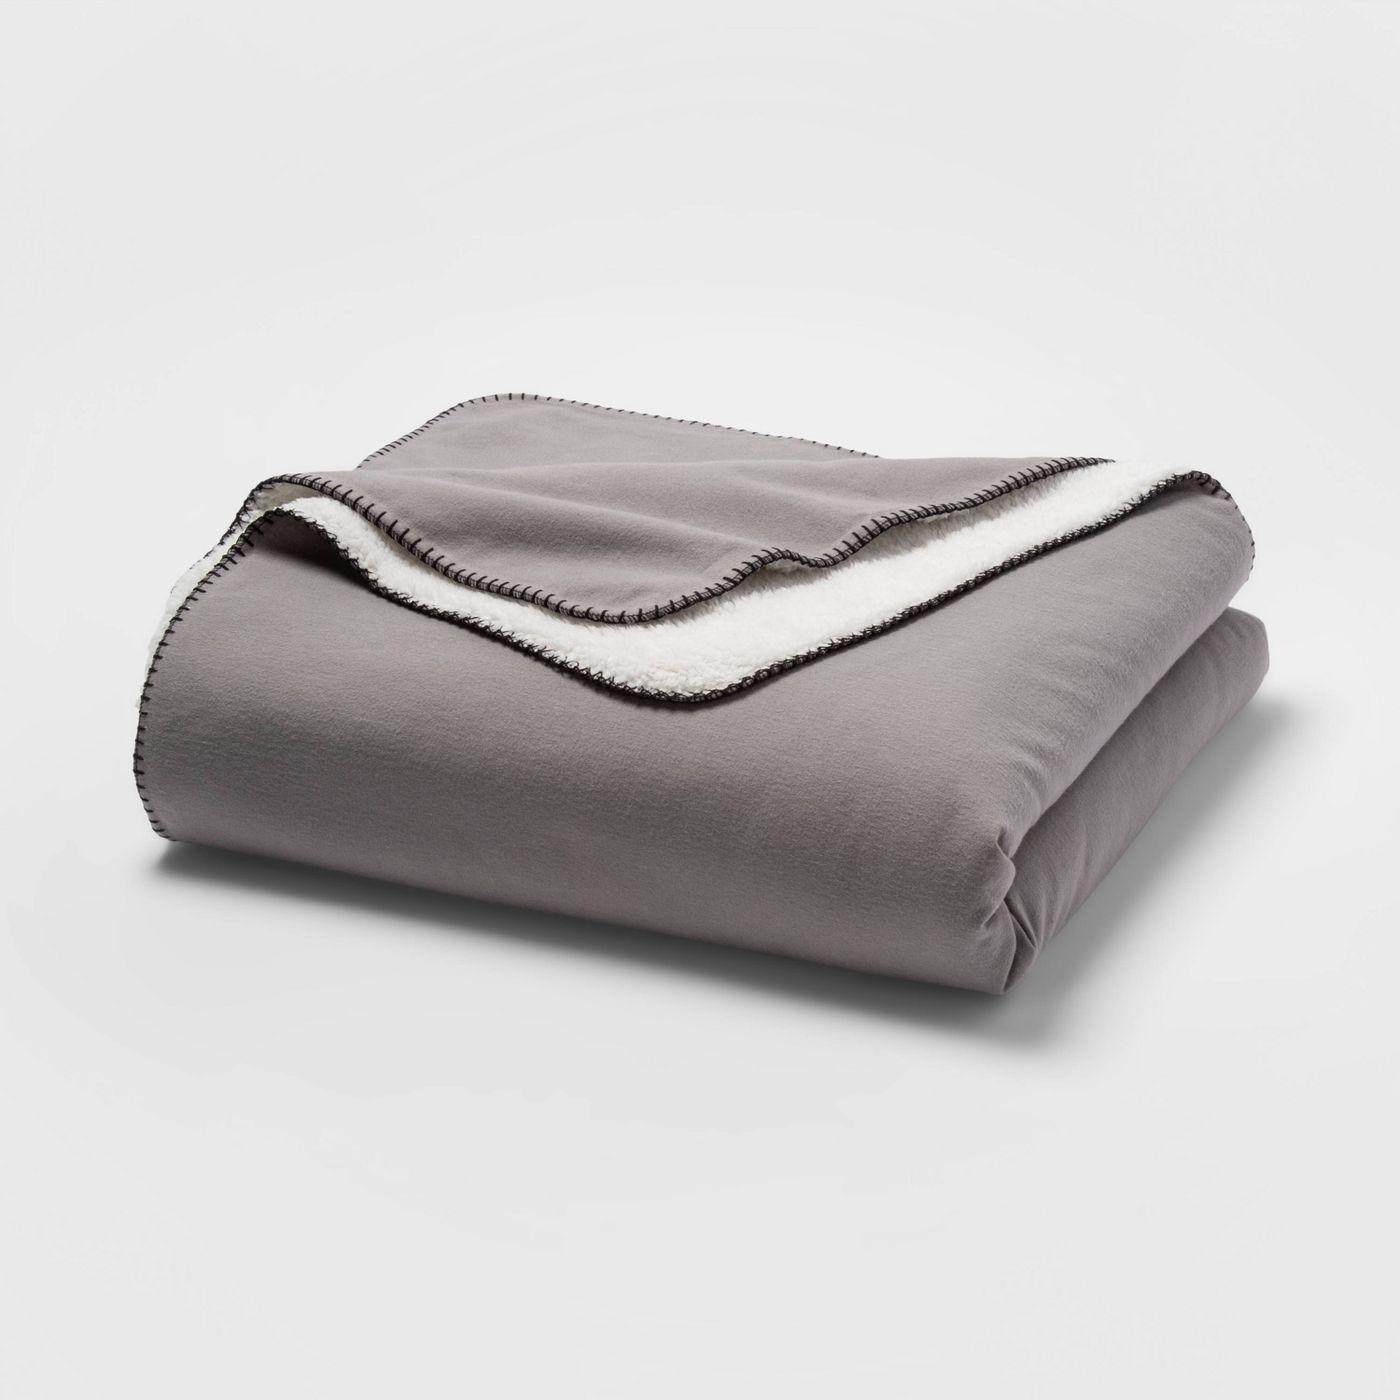 target deal days 2020 fleece blanket